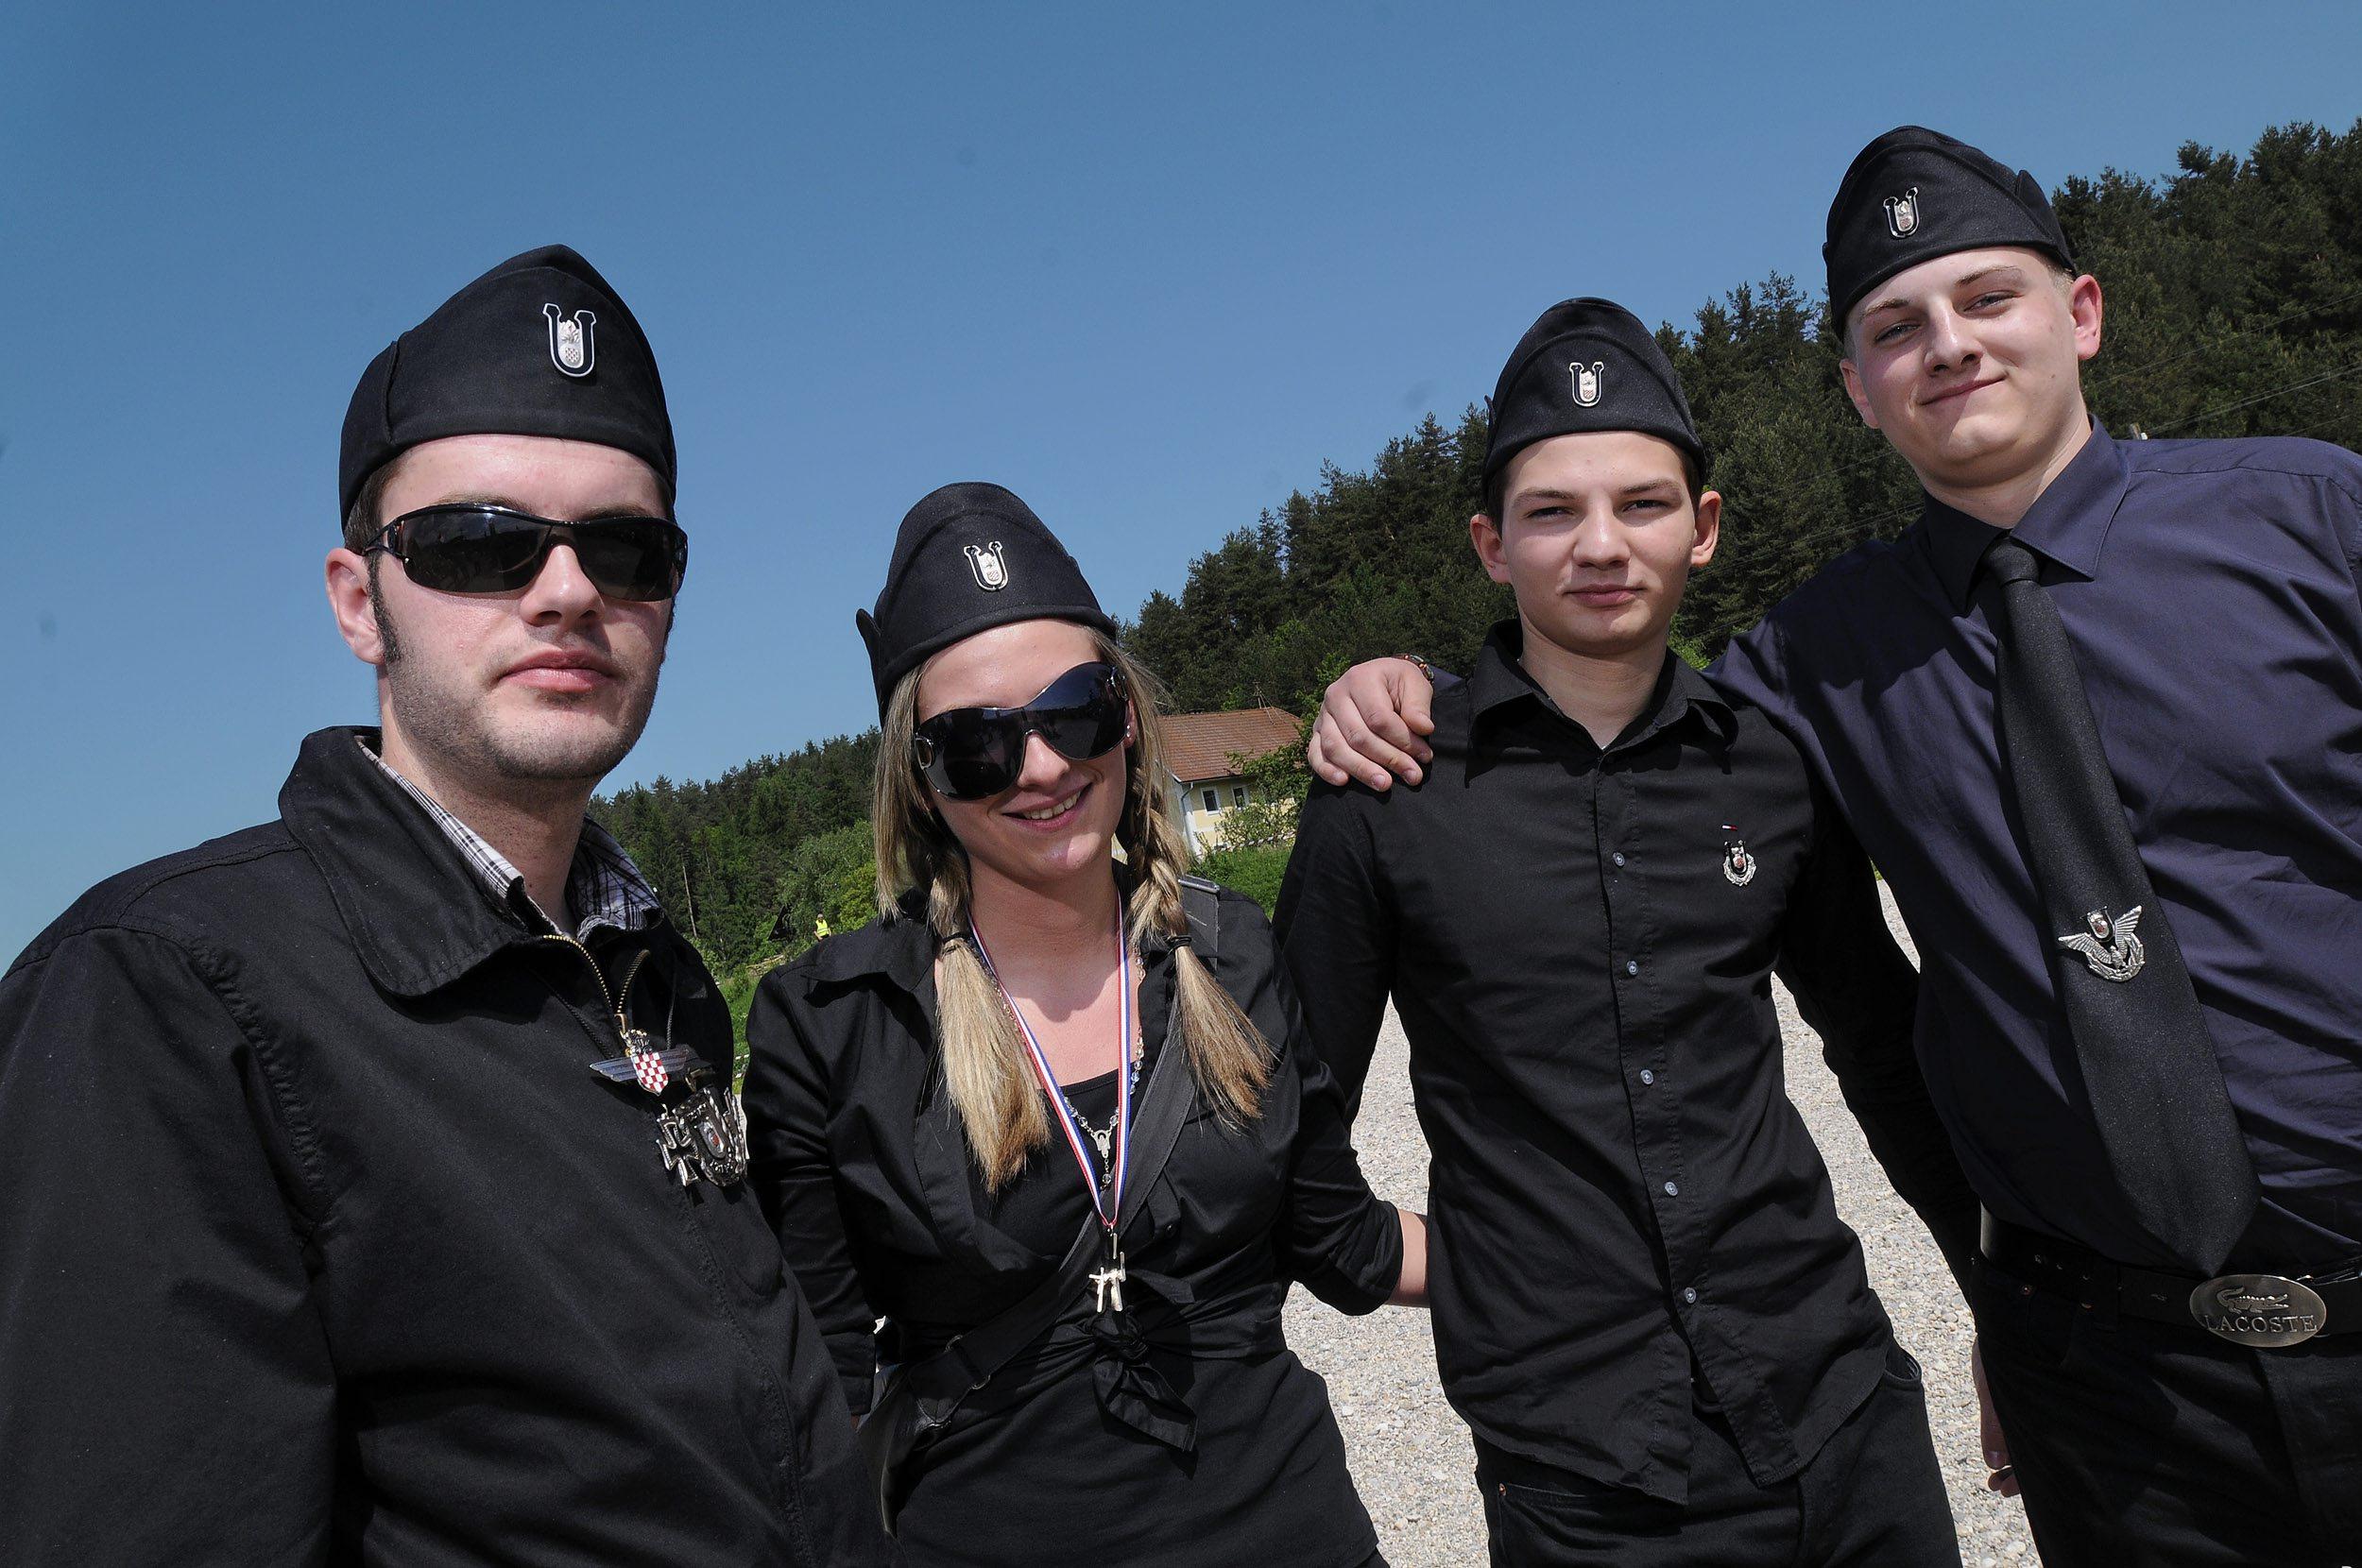 Mladi sa ustaškim kapama i uniformama na središnjoj komemoraciji žrtvama Bleiburske tragedije i Hrvatskog križnog puta na Bleiburskom polju u Austriji.